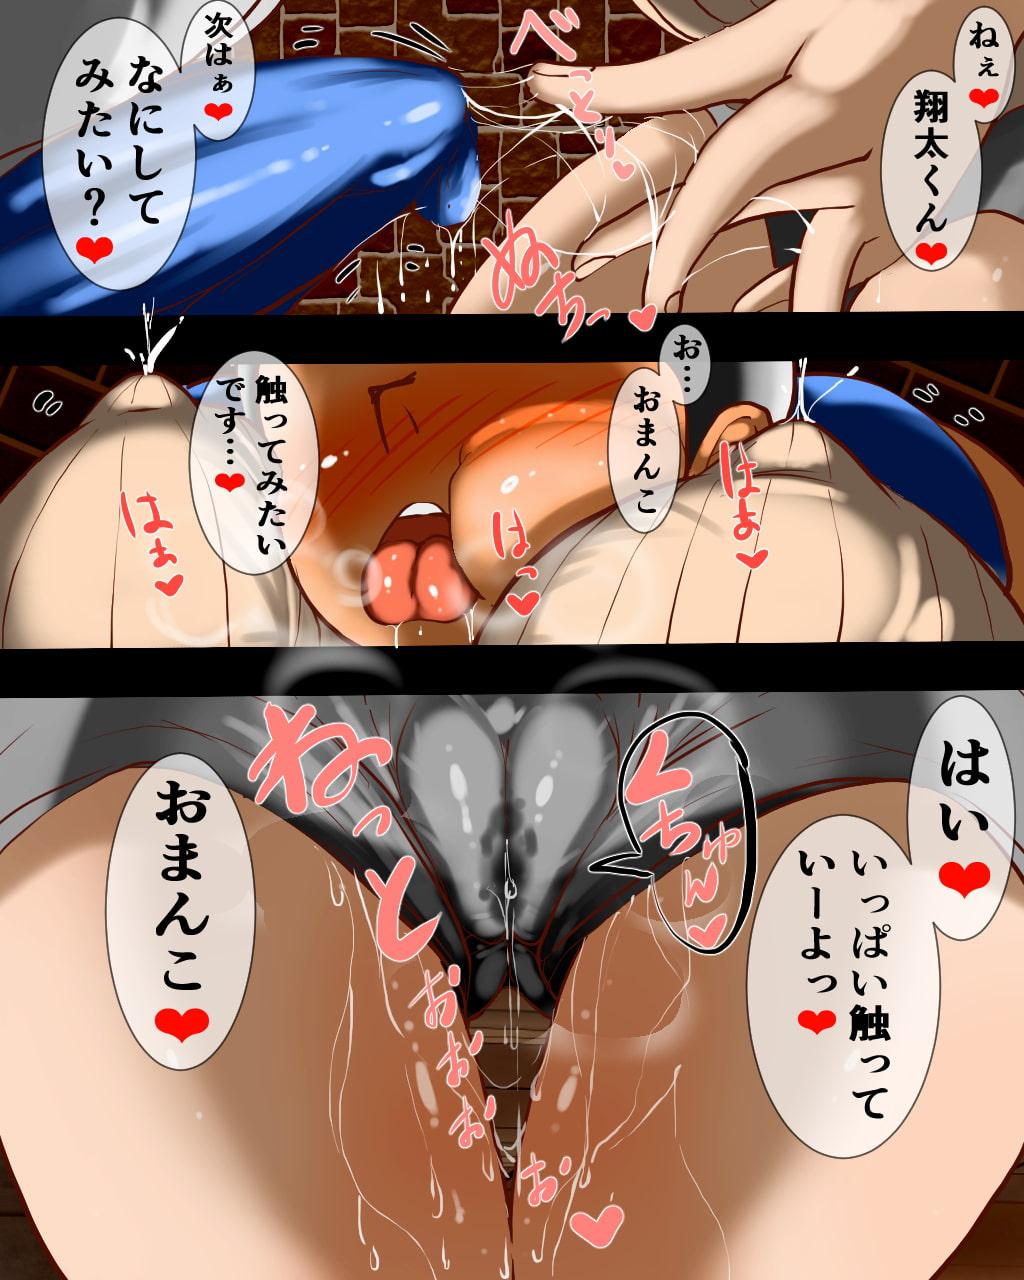 RJ341849 セクシー女優えみり秘密の性欲解消法 [20210902]